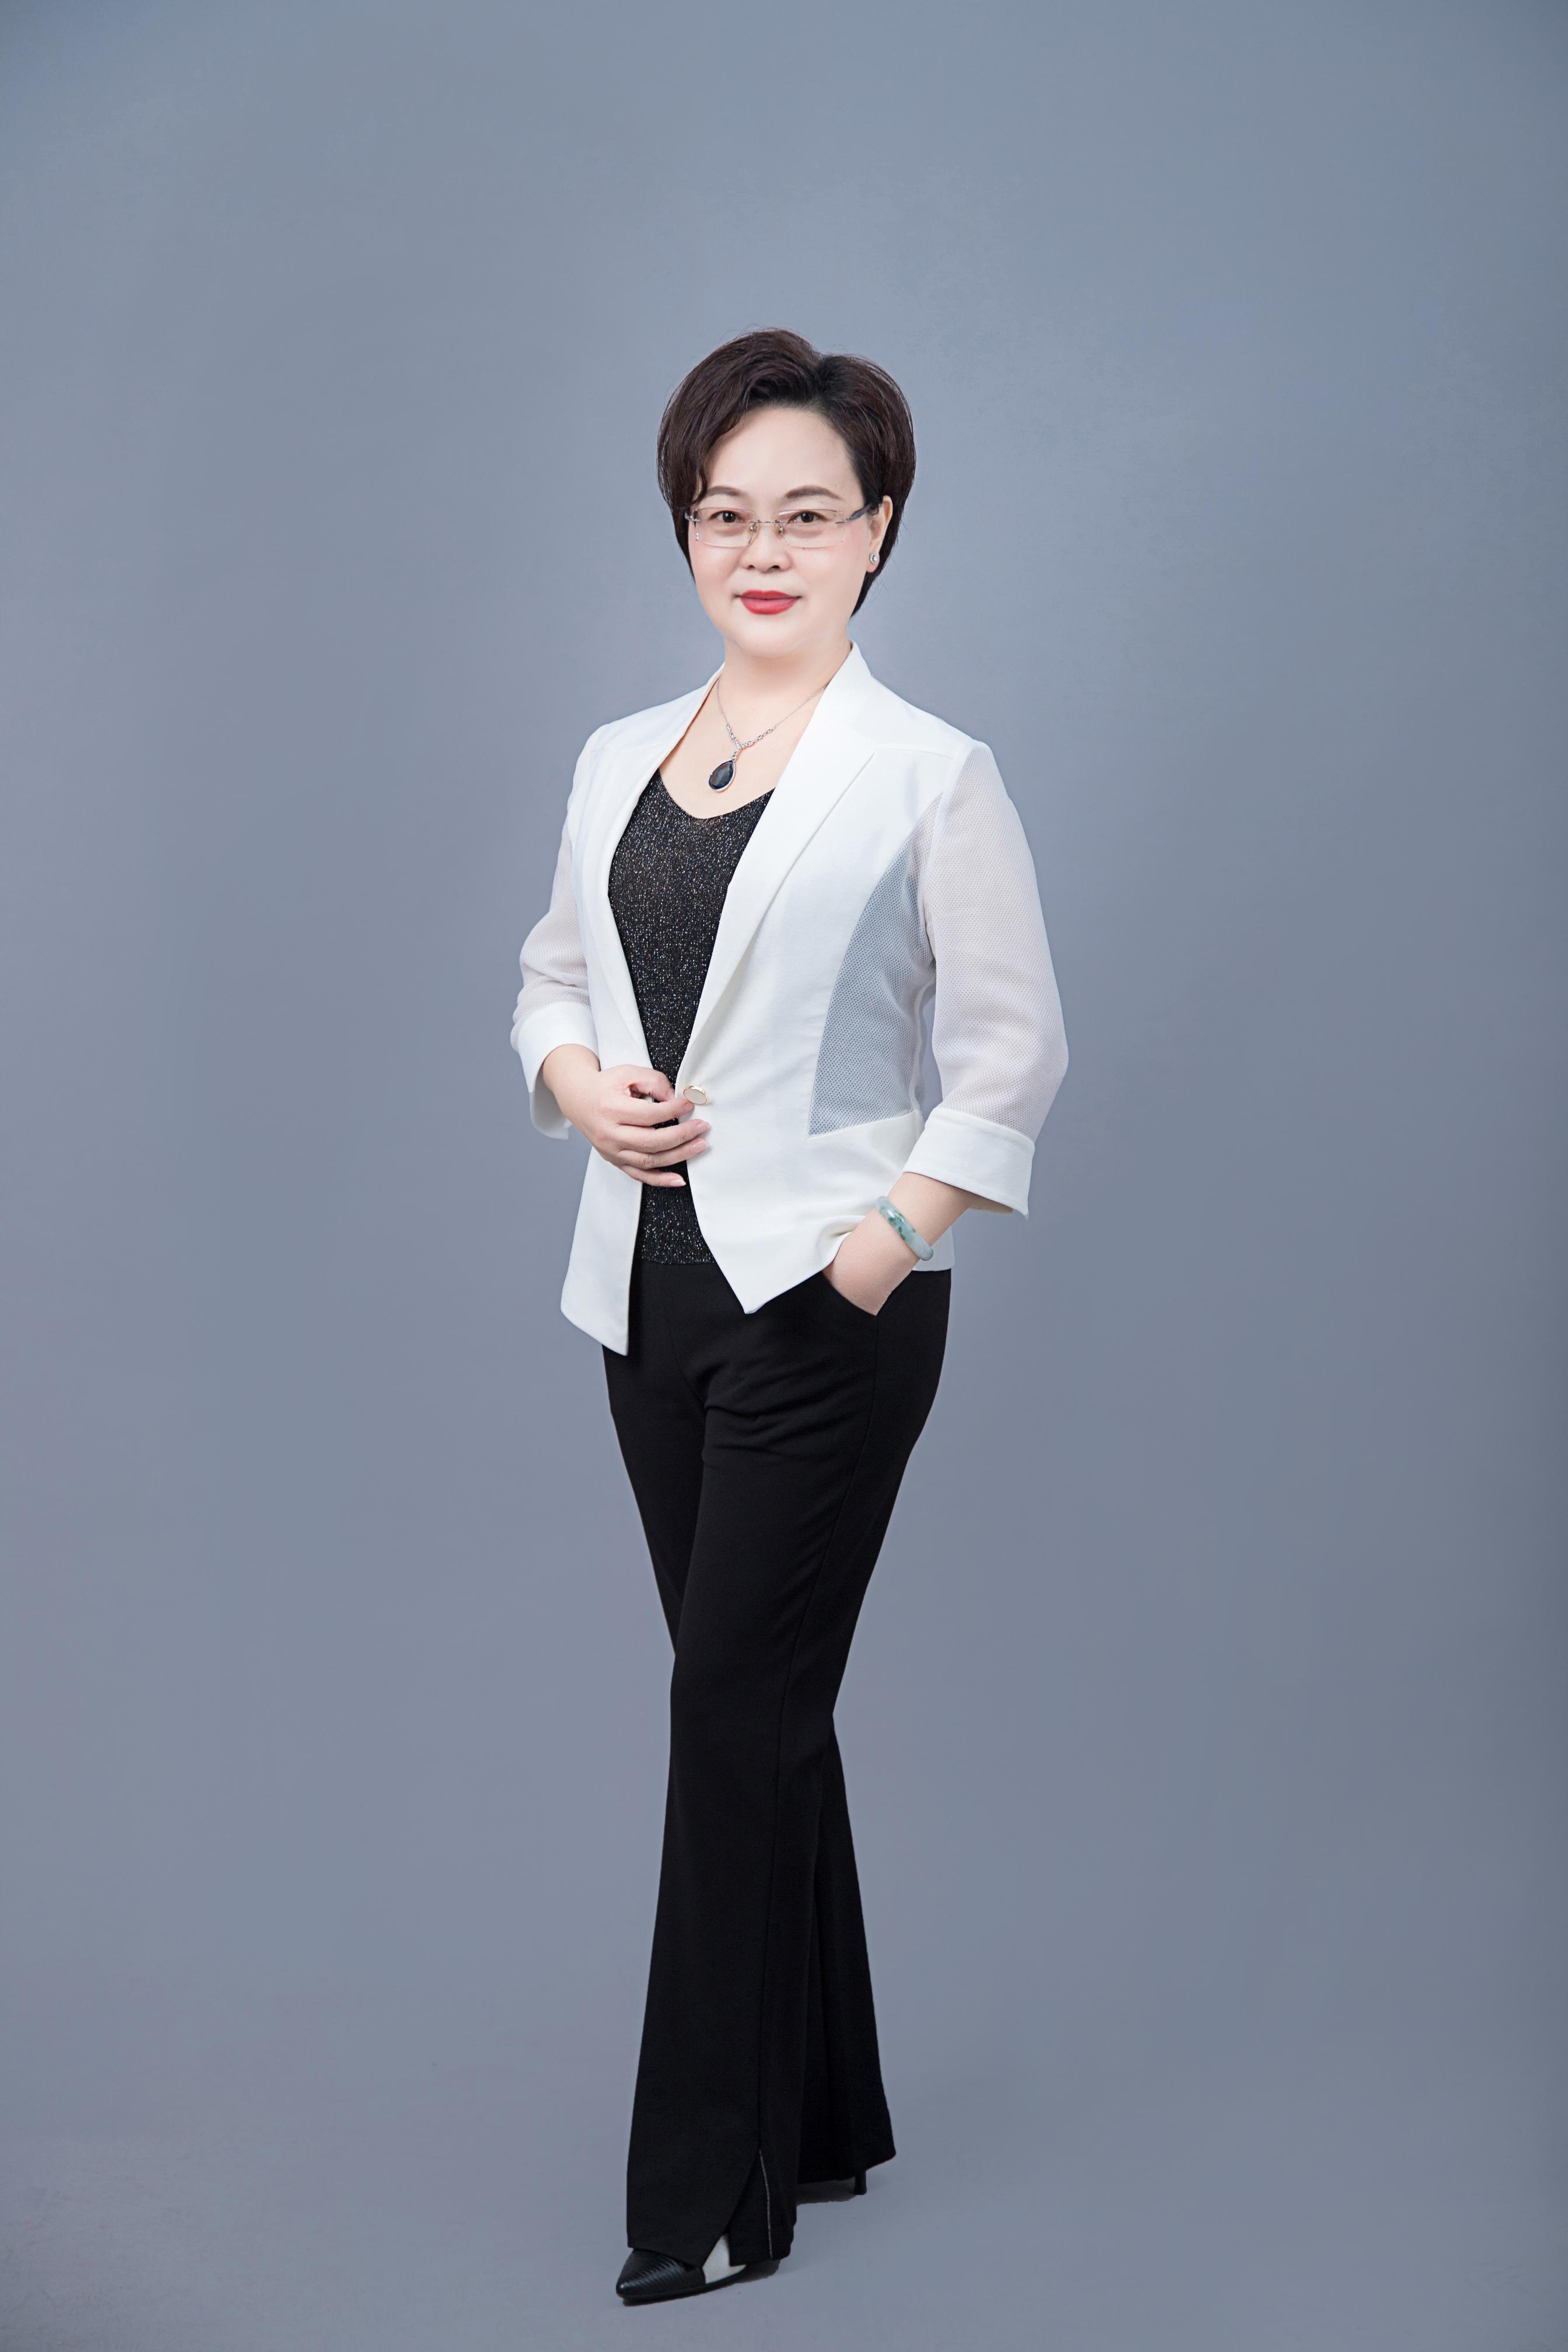 浙江不老神生物科技有限公司董事长余仁阳图1